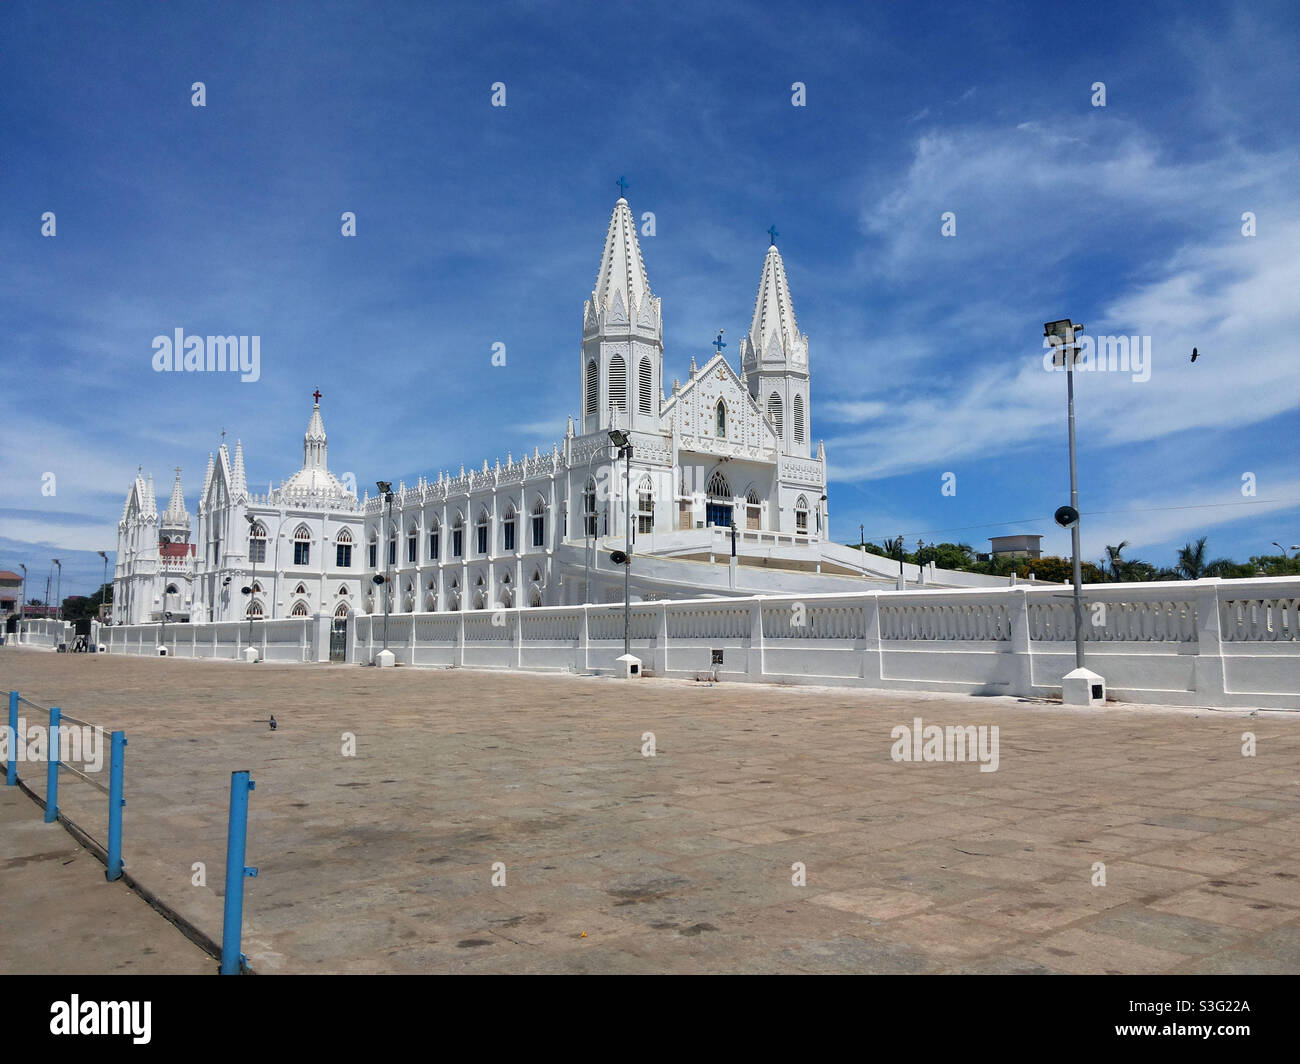 La Basílica de Nuestra Señora de la Buena Salud, también conocida como Santuario de Nuestra Señora de Vailankanni, es un santuario mariano situado en la pequeña ciudad de Velankanni en Tamil Nadu, sur de la India Foto de stock